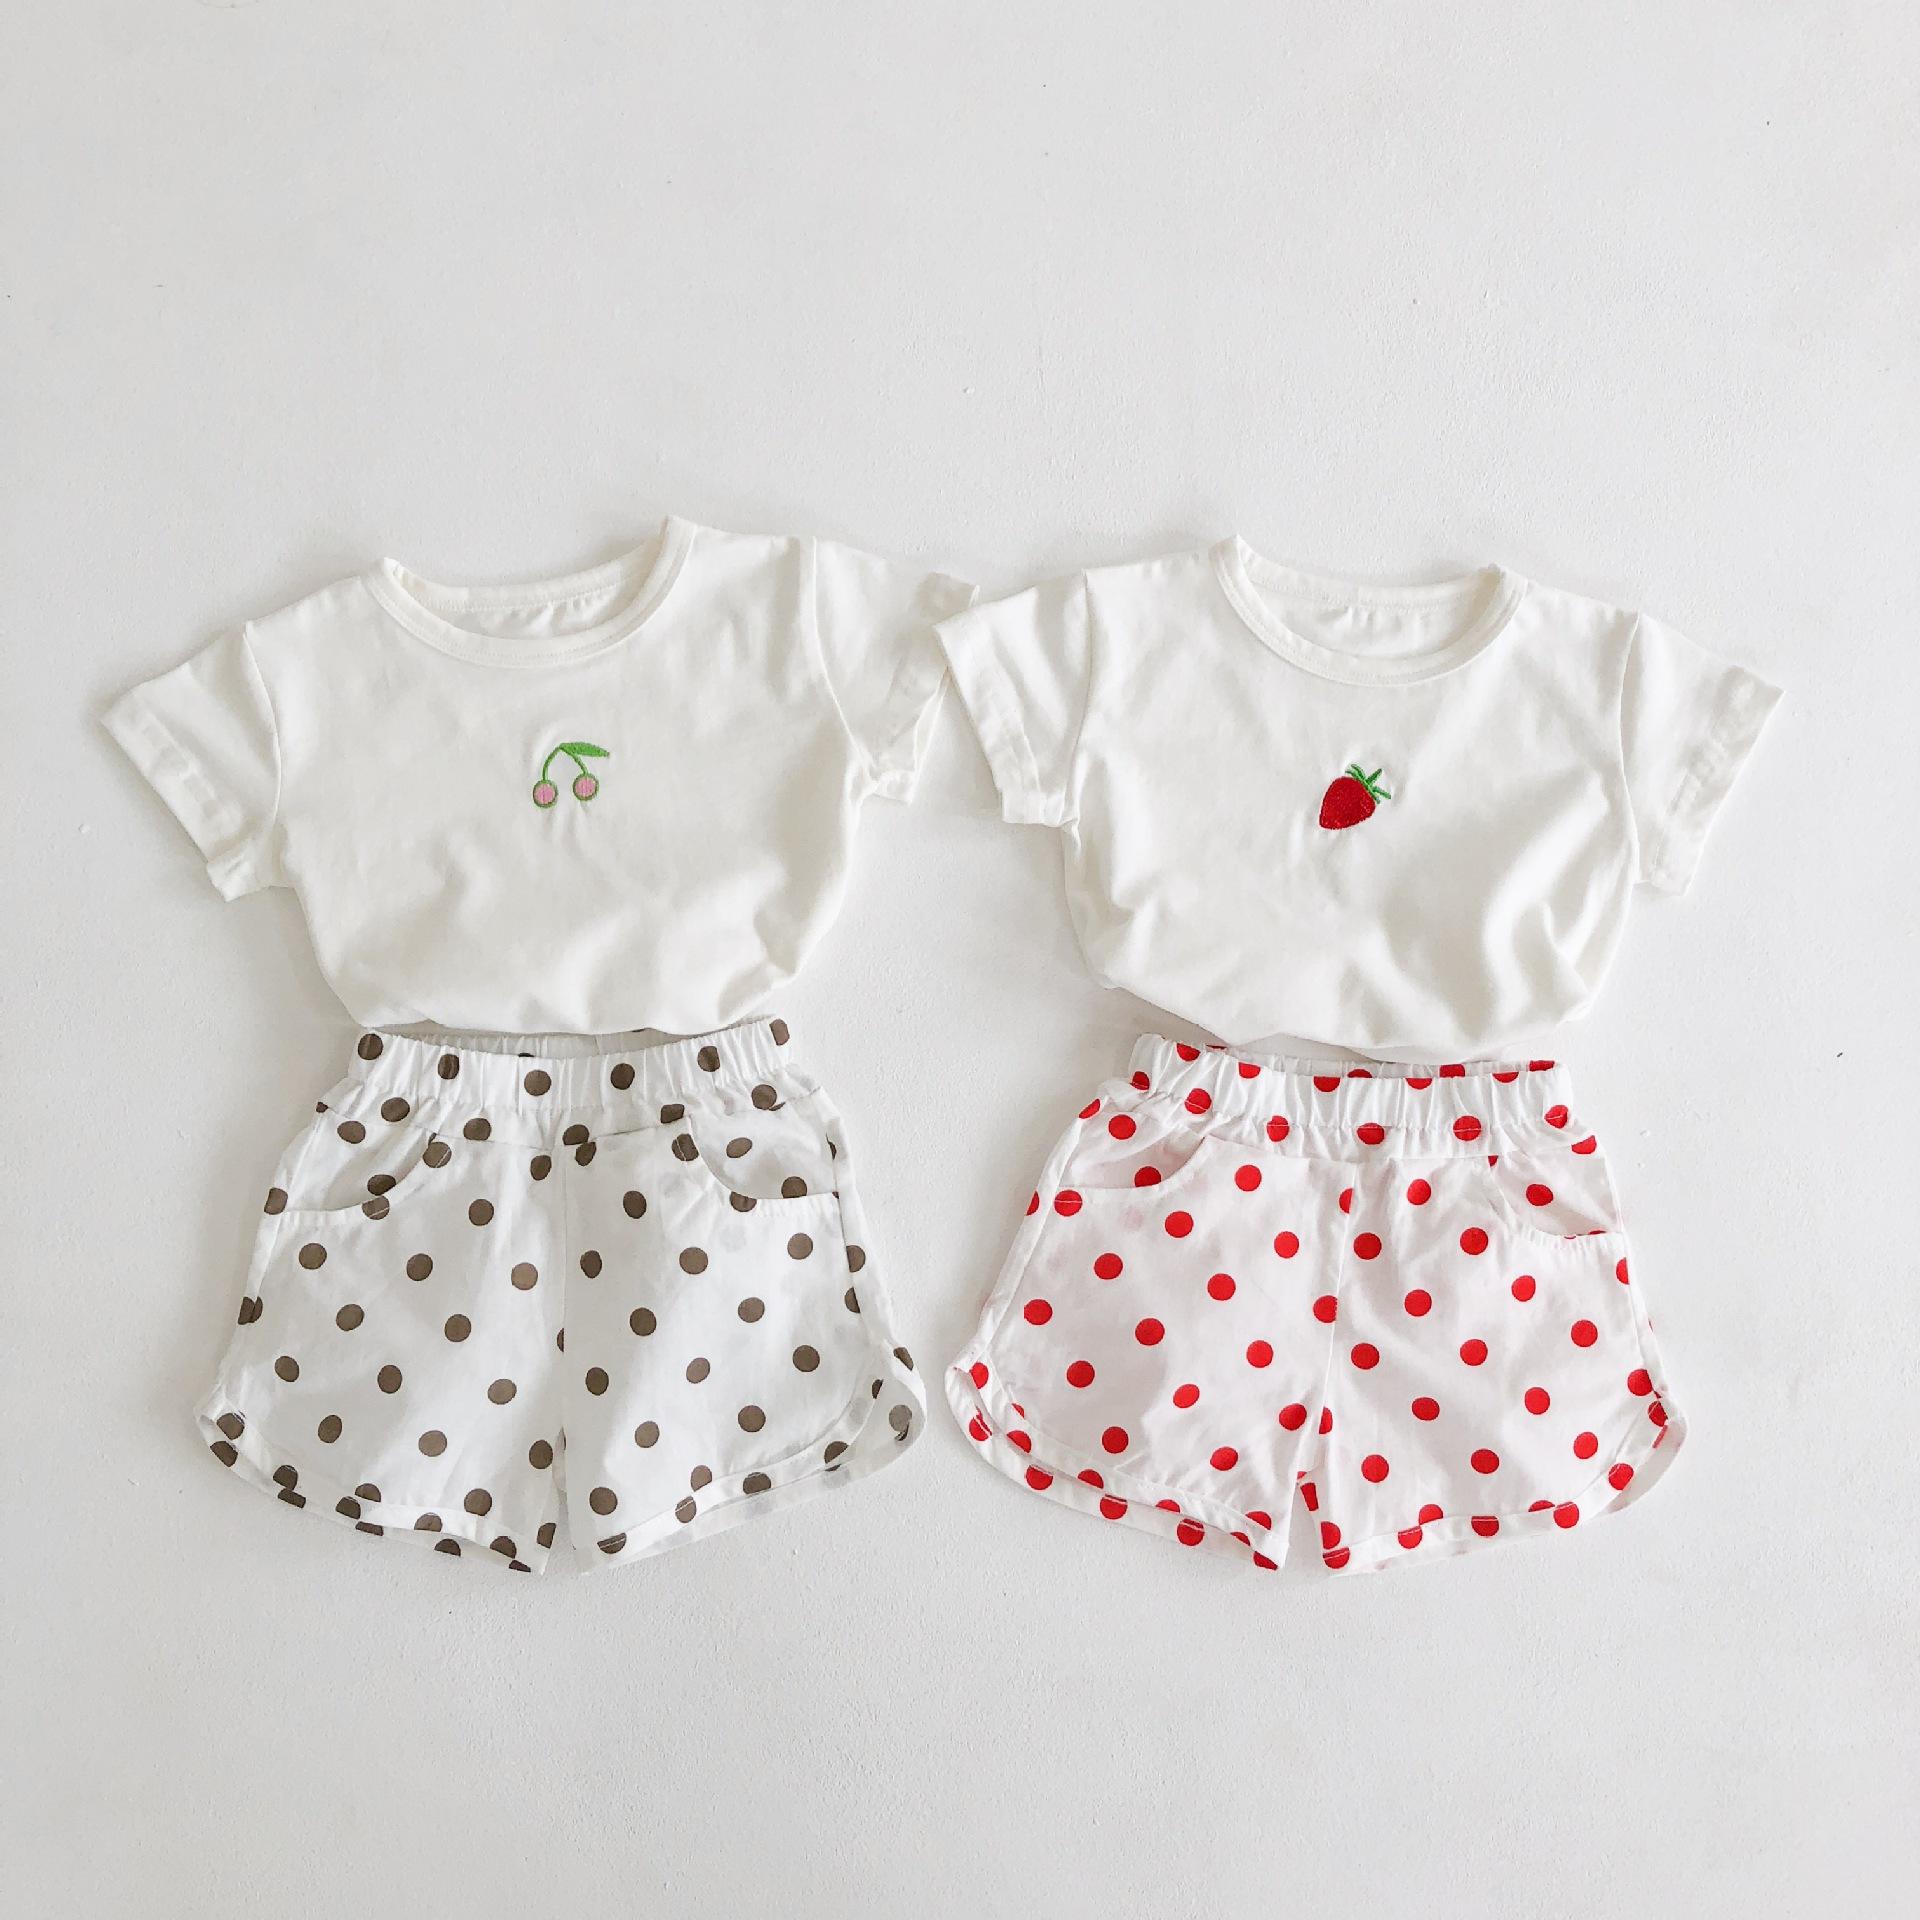 Engepapa Đồ Suits trẻ em Mùa hè 2020 sản phẩm mới cho bé em bé dâu tây anh đào Áo thun + quần short